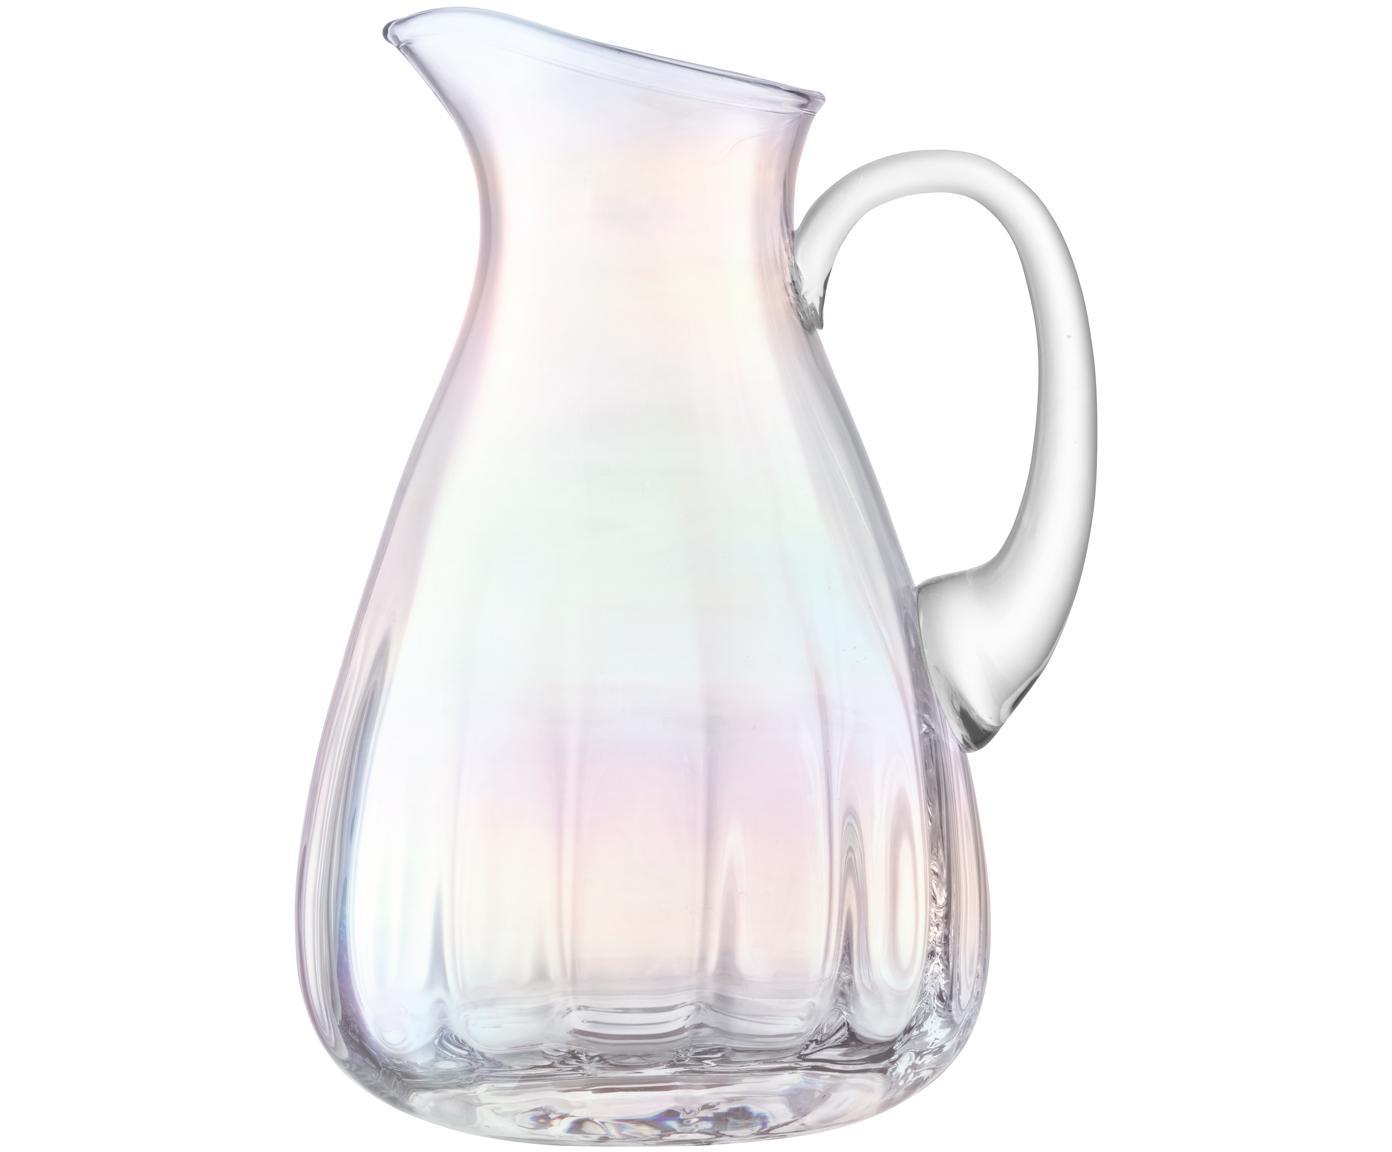 Caraffa in vetro soffiato Pearl, Vetro, Riflessi madreperlacei, 2.2 L